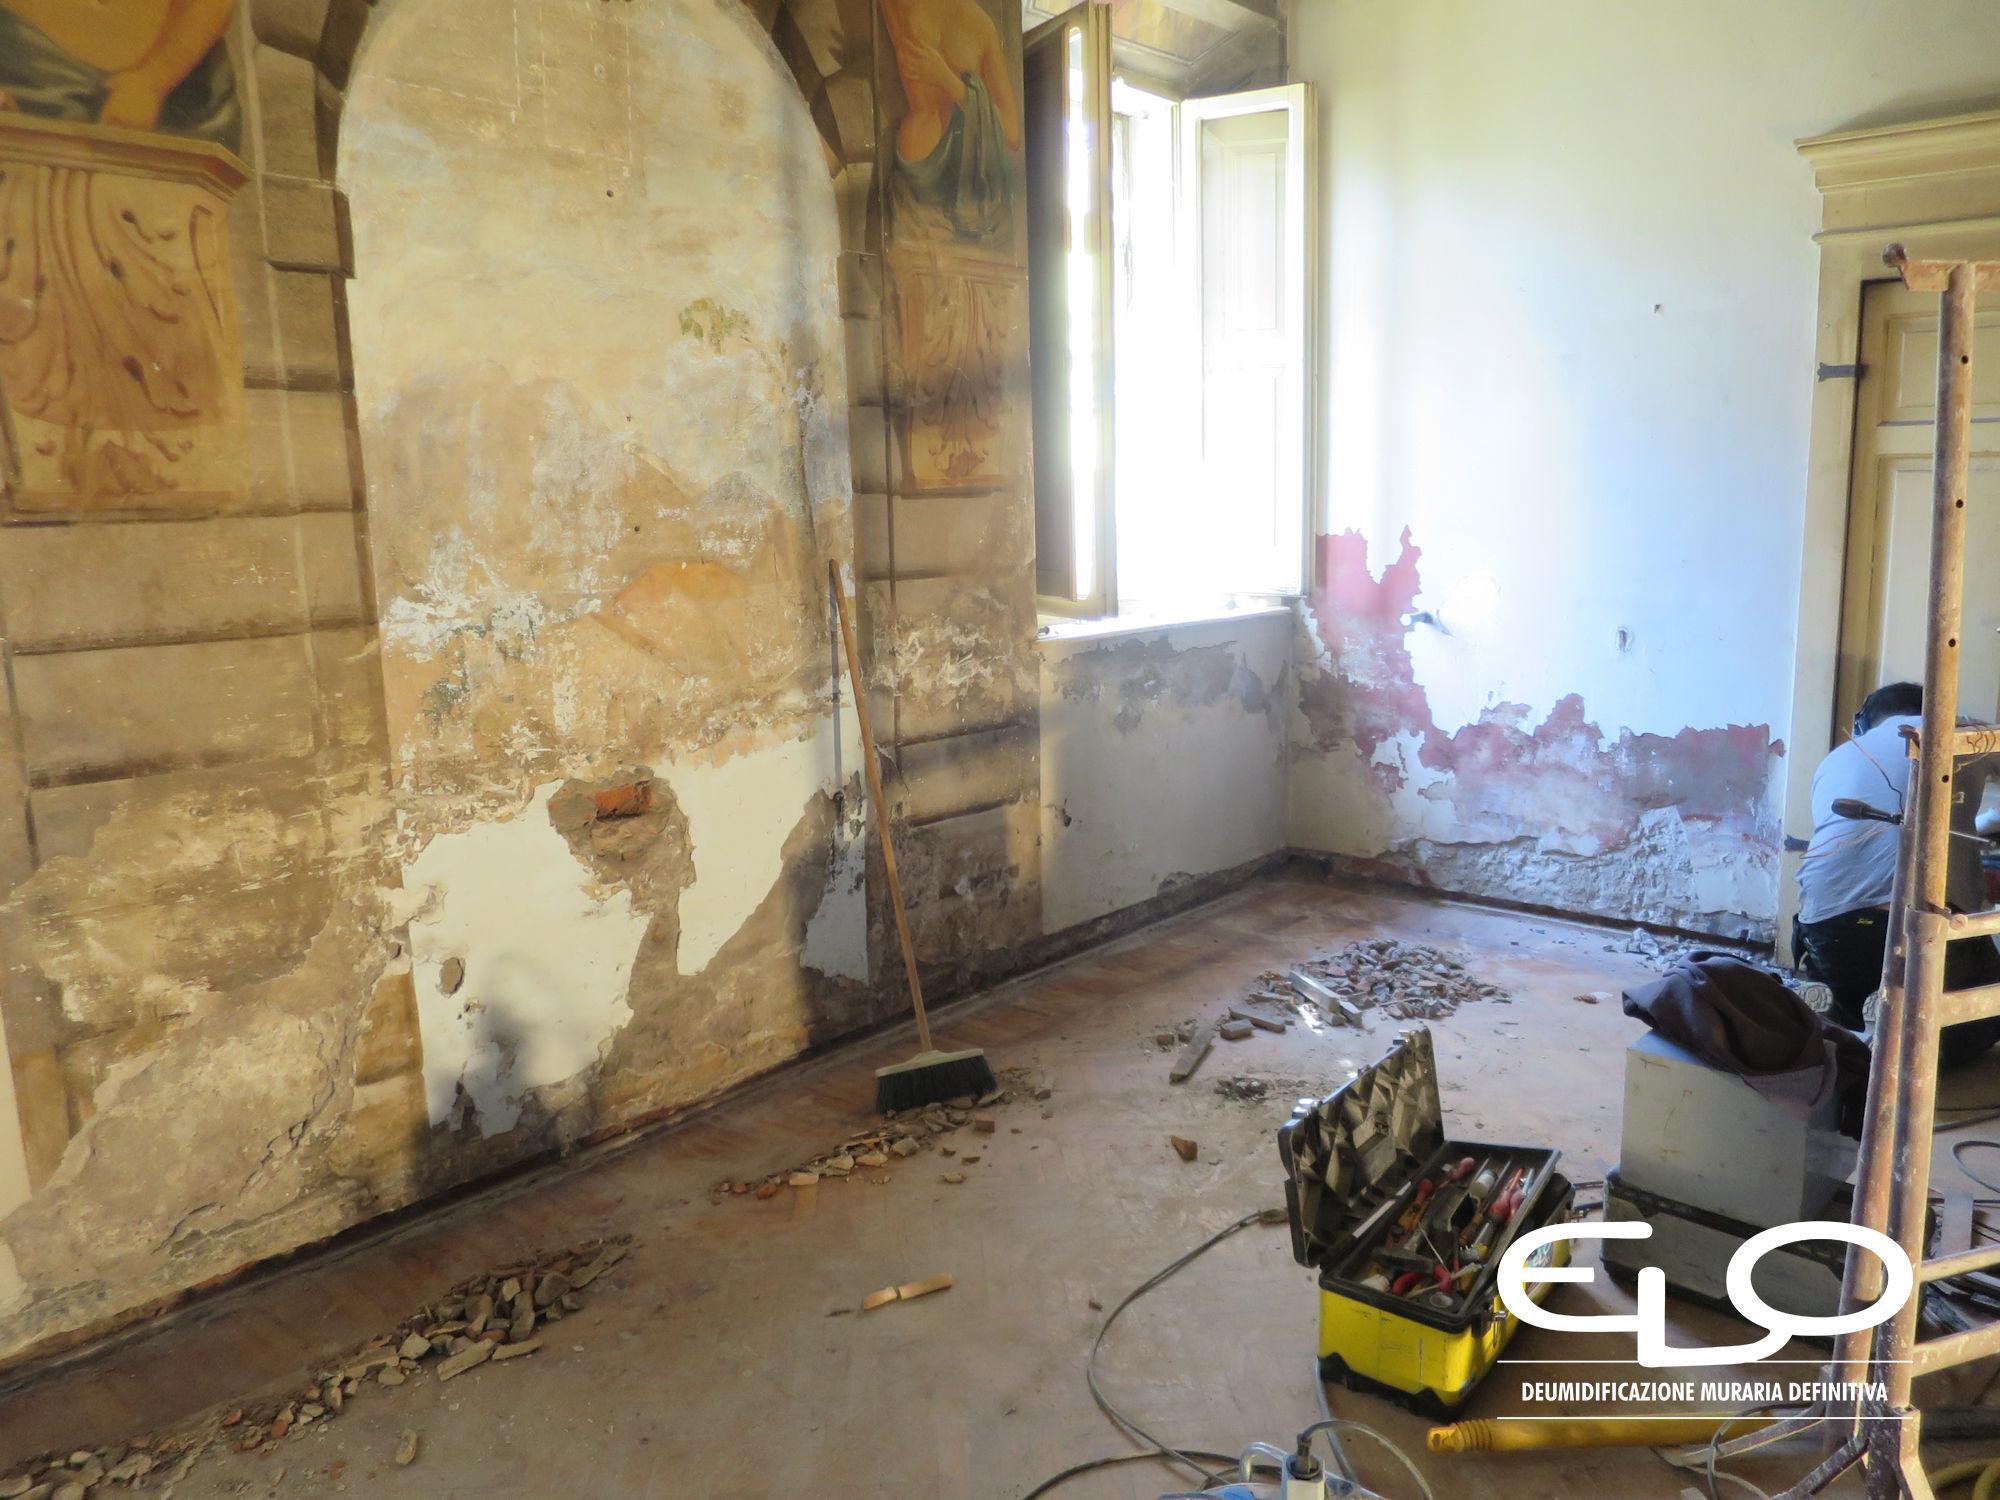 Ristrutturazione deumidificazione antica Dimora ostiglia sala da pranzo colazioni prima del restauro